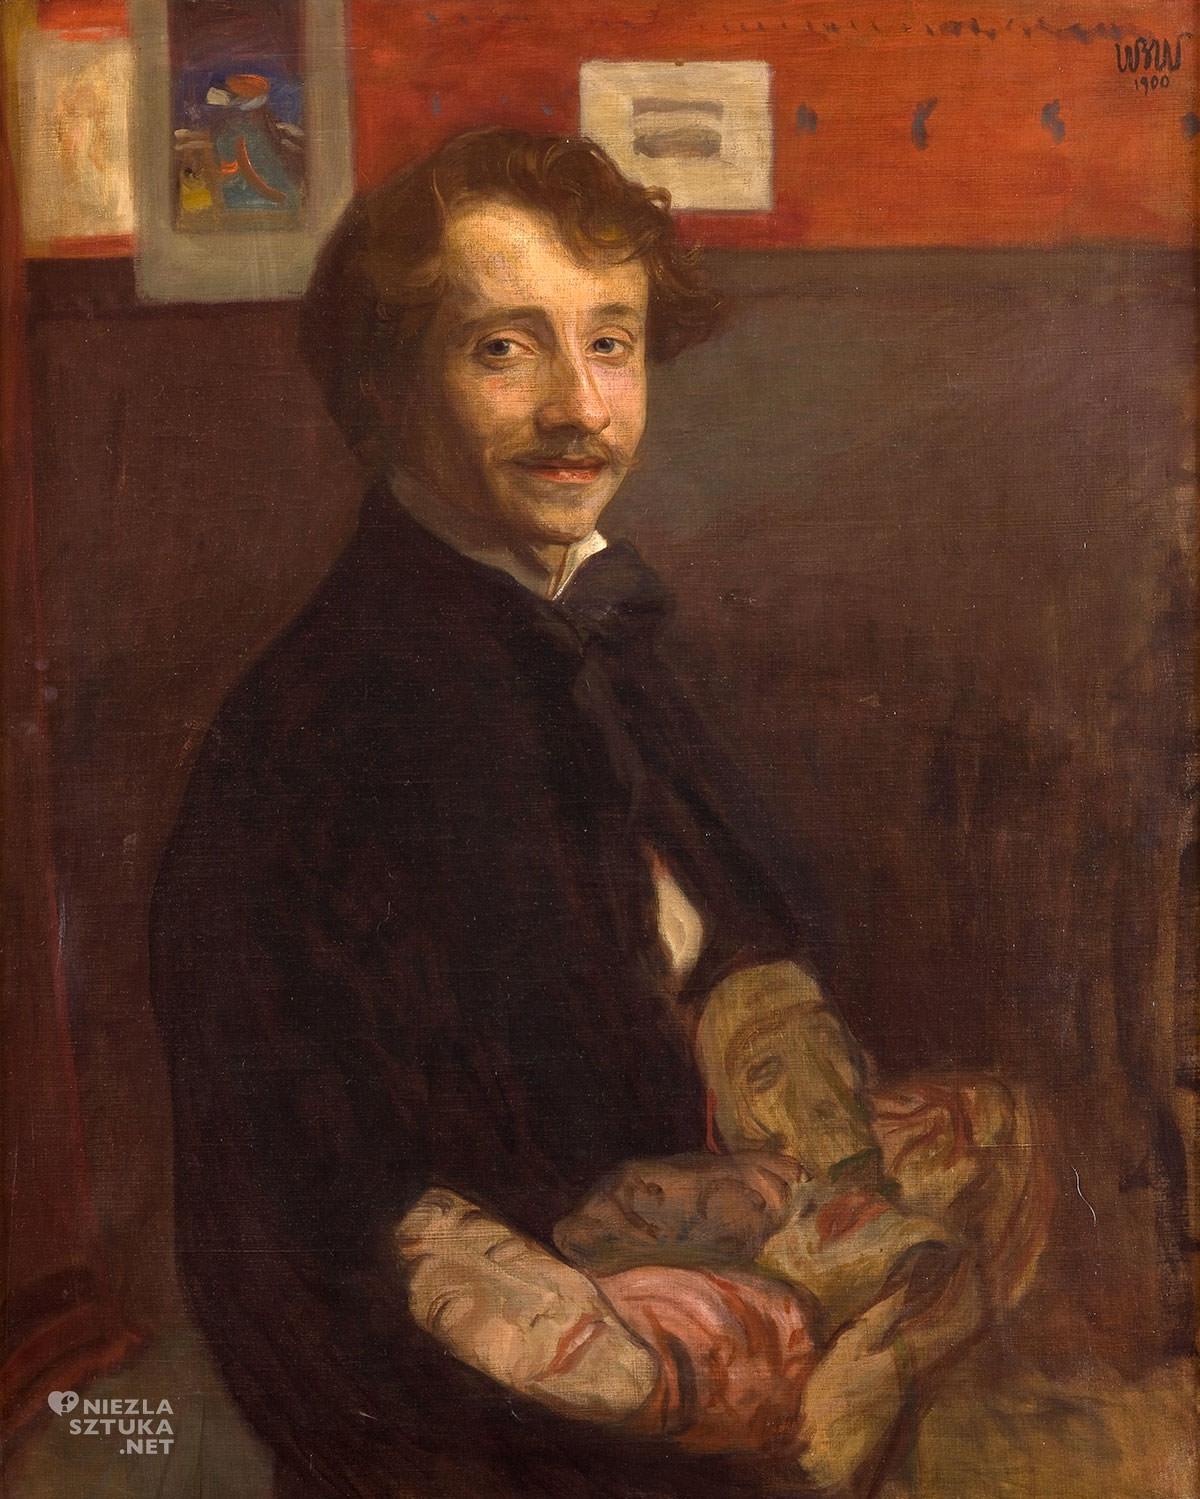 Wojciech Weiss, Autoportret z maskami, sztuka polska, malarstwo polskie, Niezła Sztuka